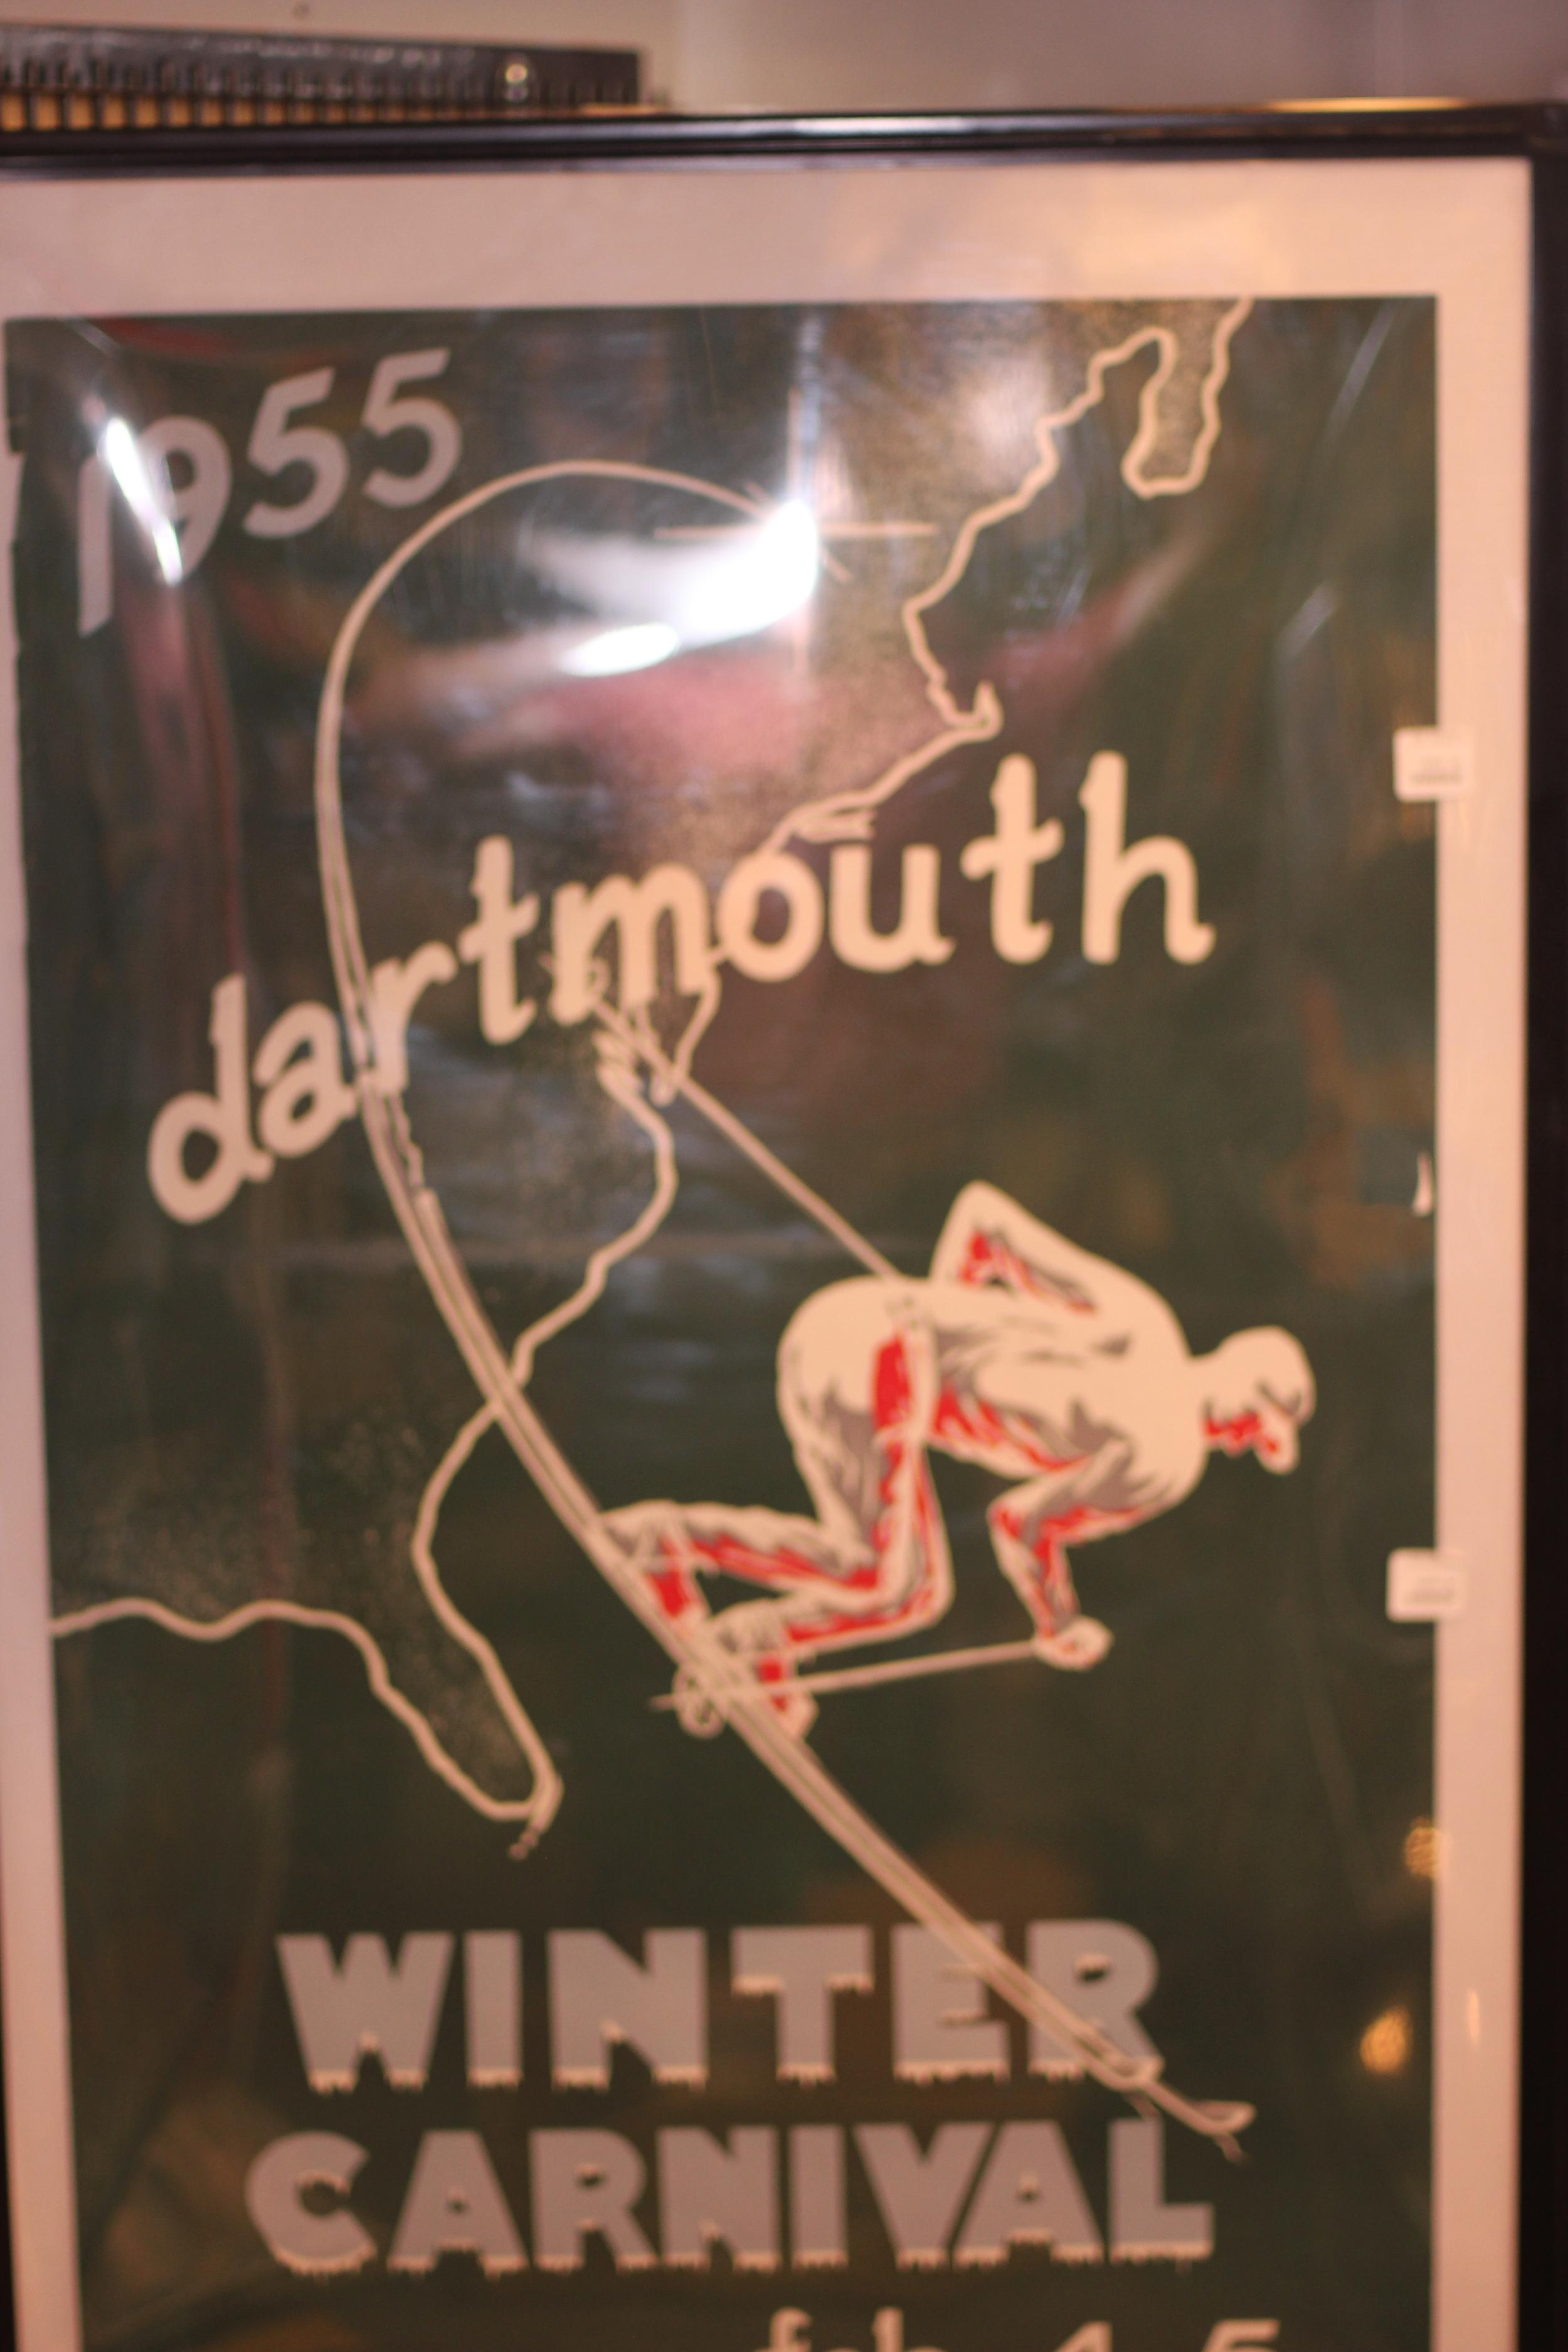 Dartmouth Winter Carnival 1955